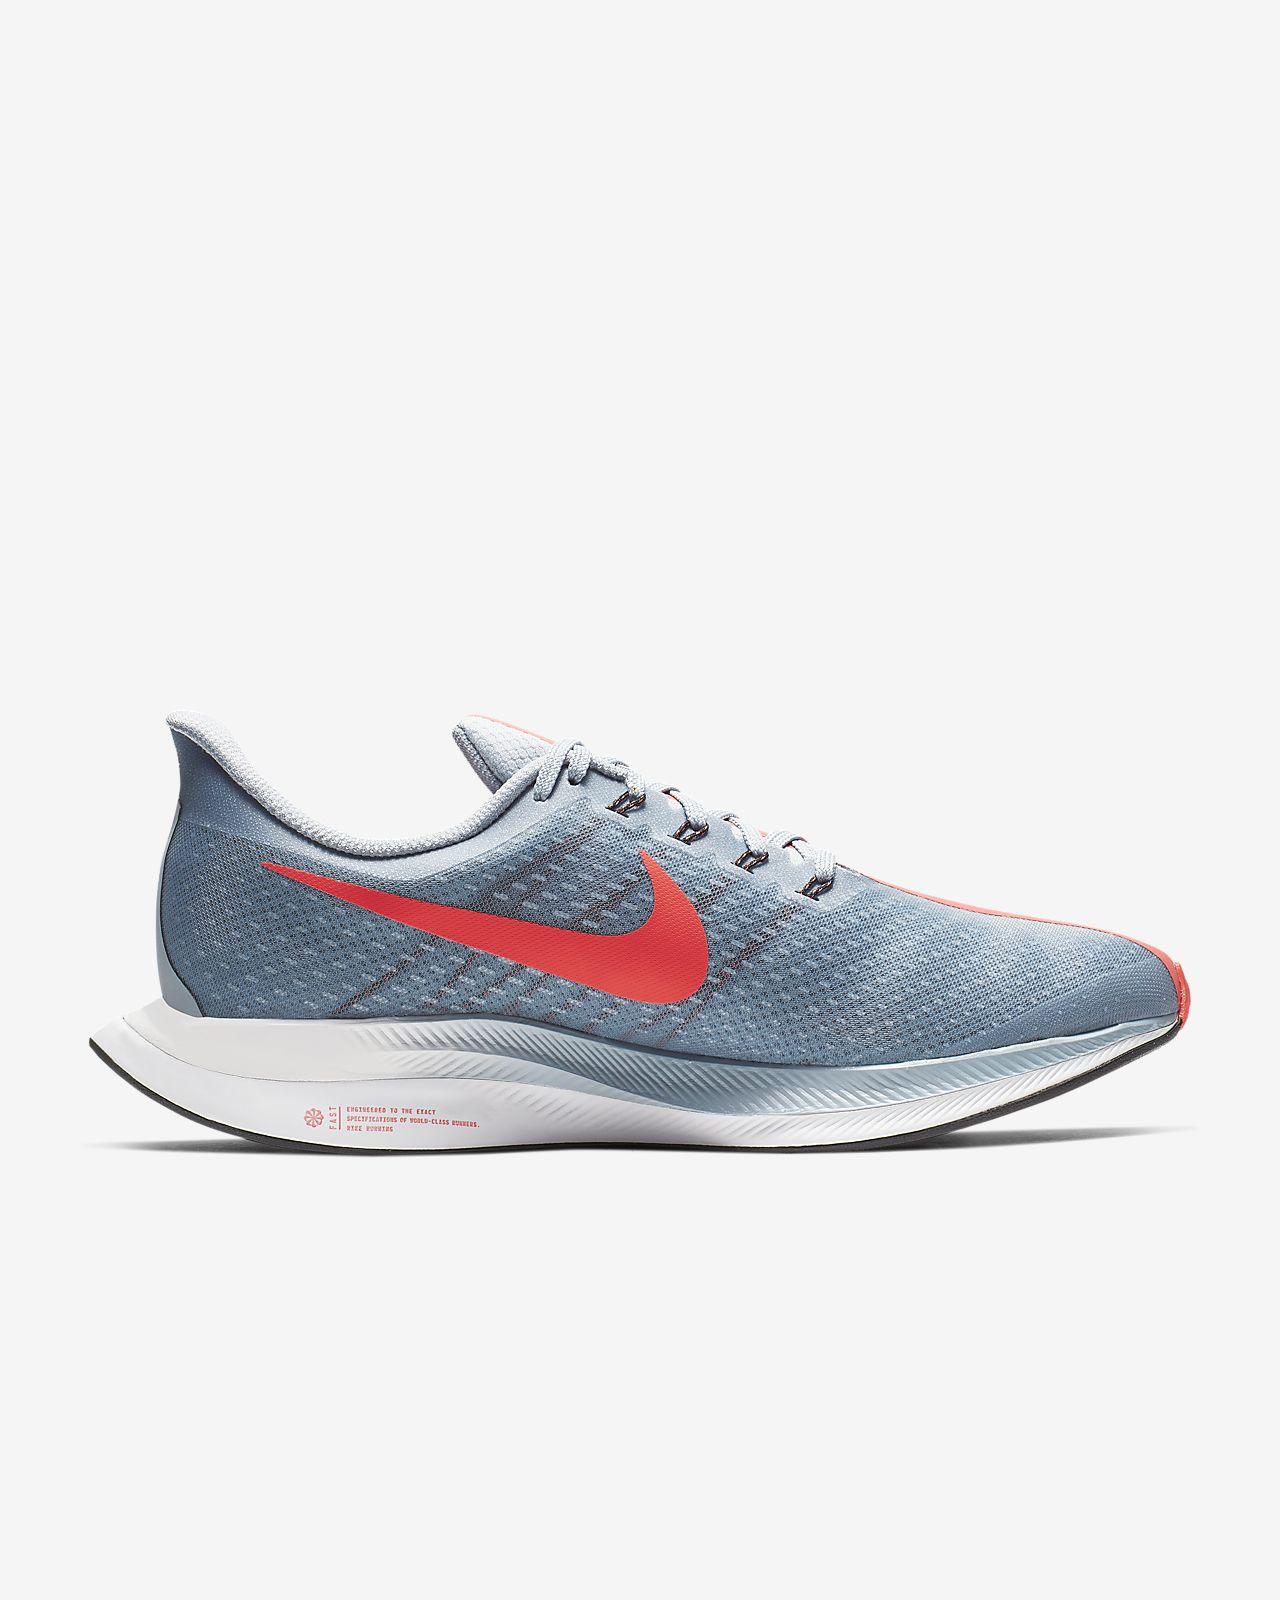 ce2990c3b72 Nike Zoom Pegasus Turbo Zapatillas de running - Hombre. Nike.com ES